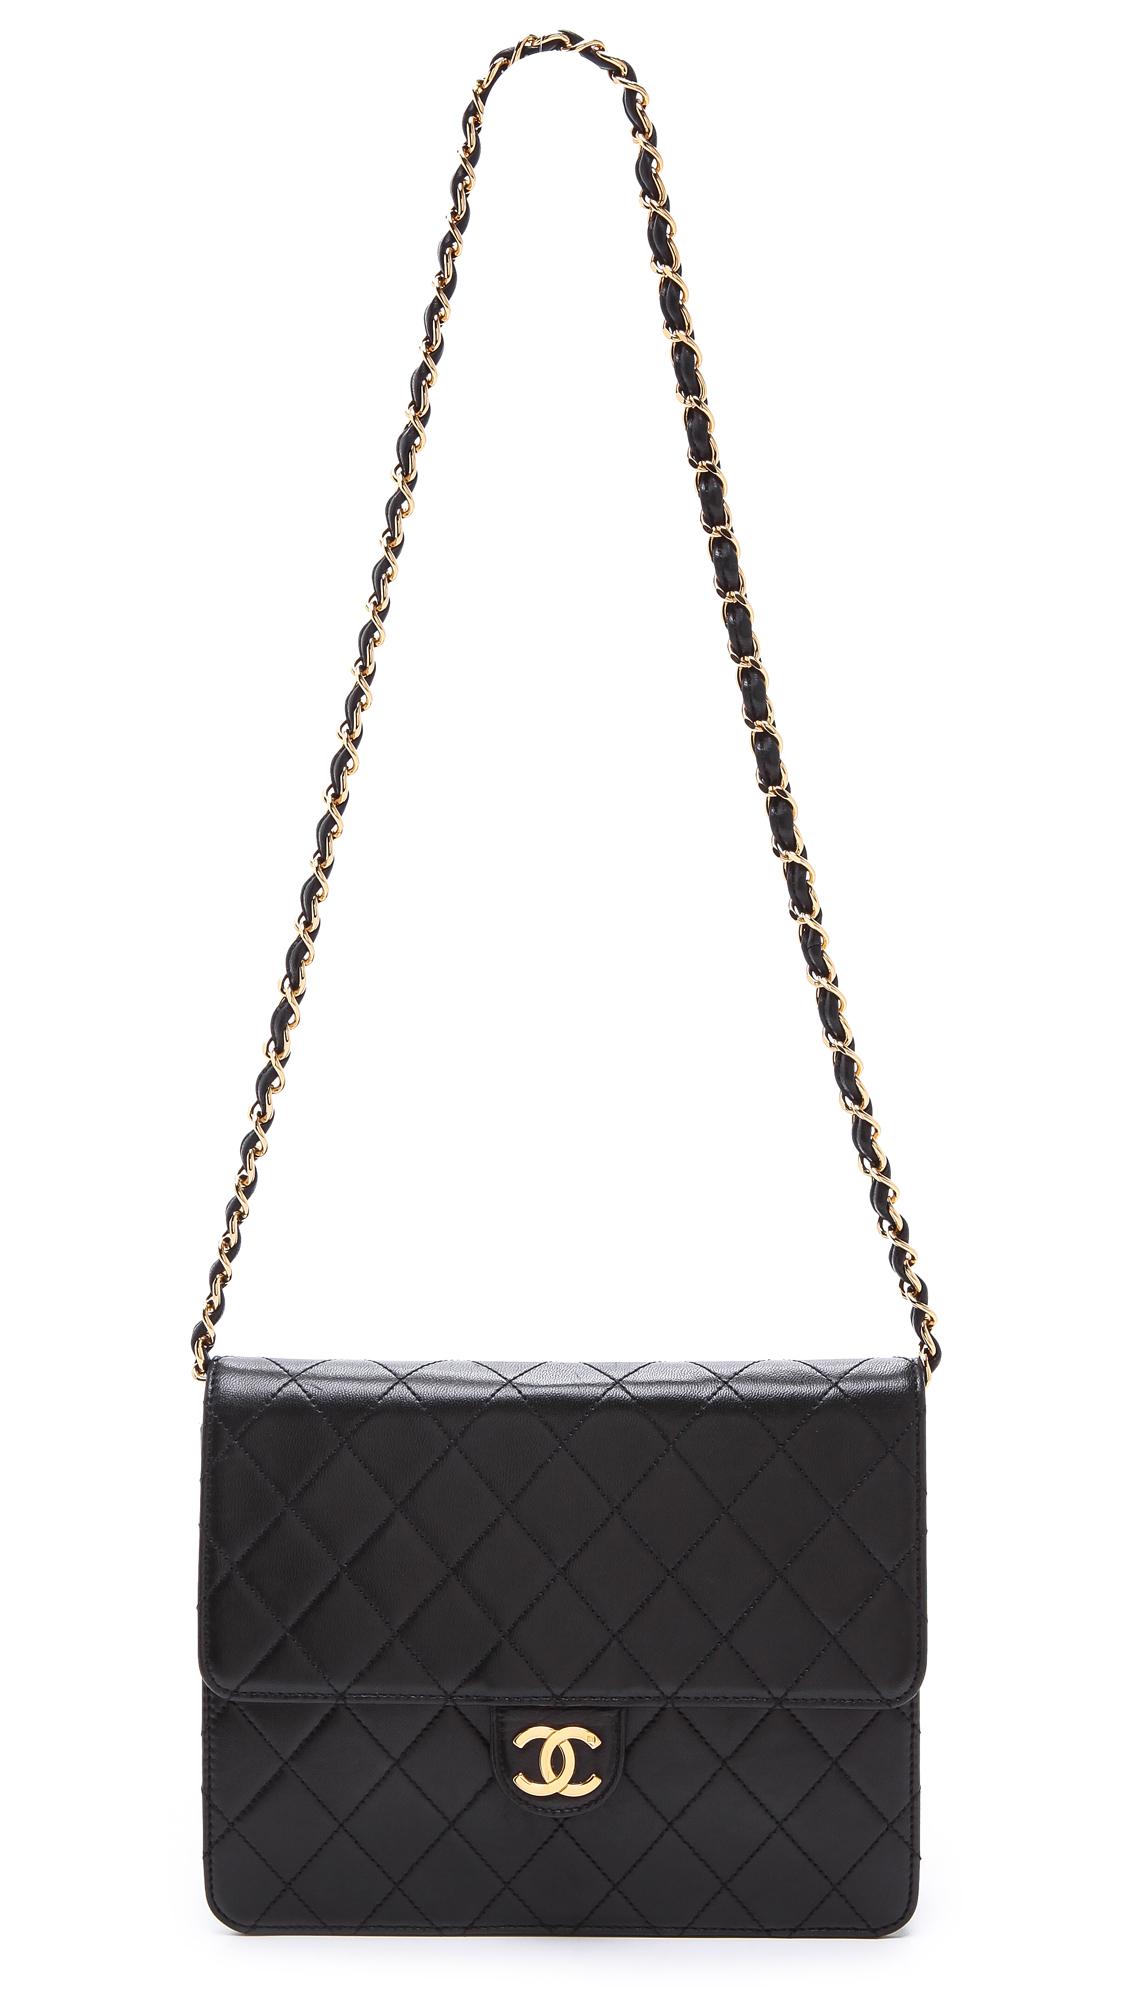 f92a1aad4116 WGACA Vintage Vintage Chanel Ex Bag | SHOPBOP